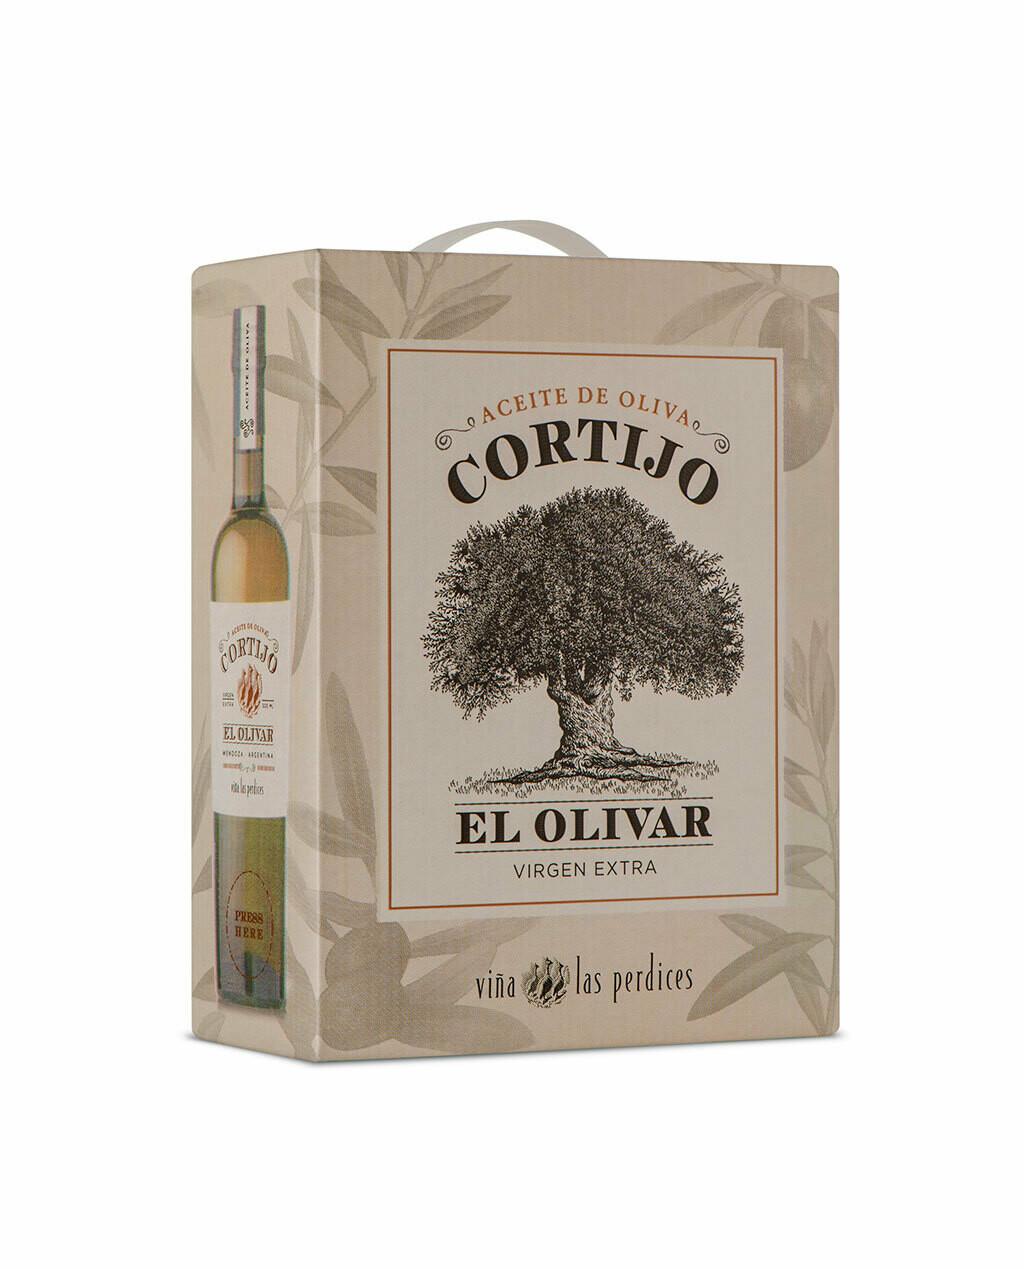 Aceite de Oliva Cortijo x3000cc